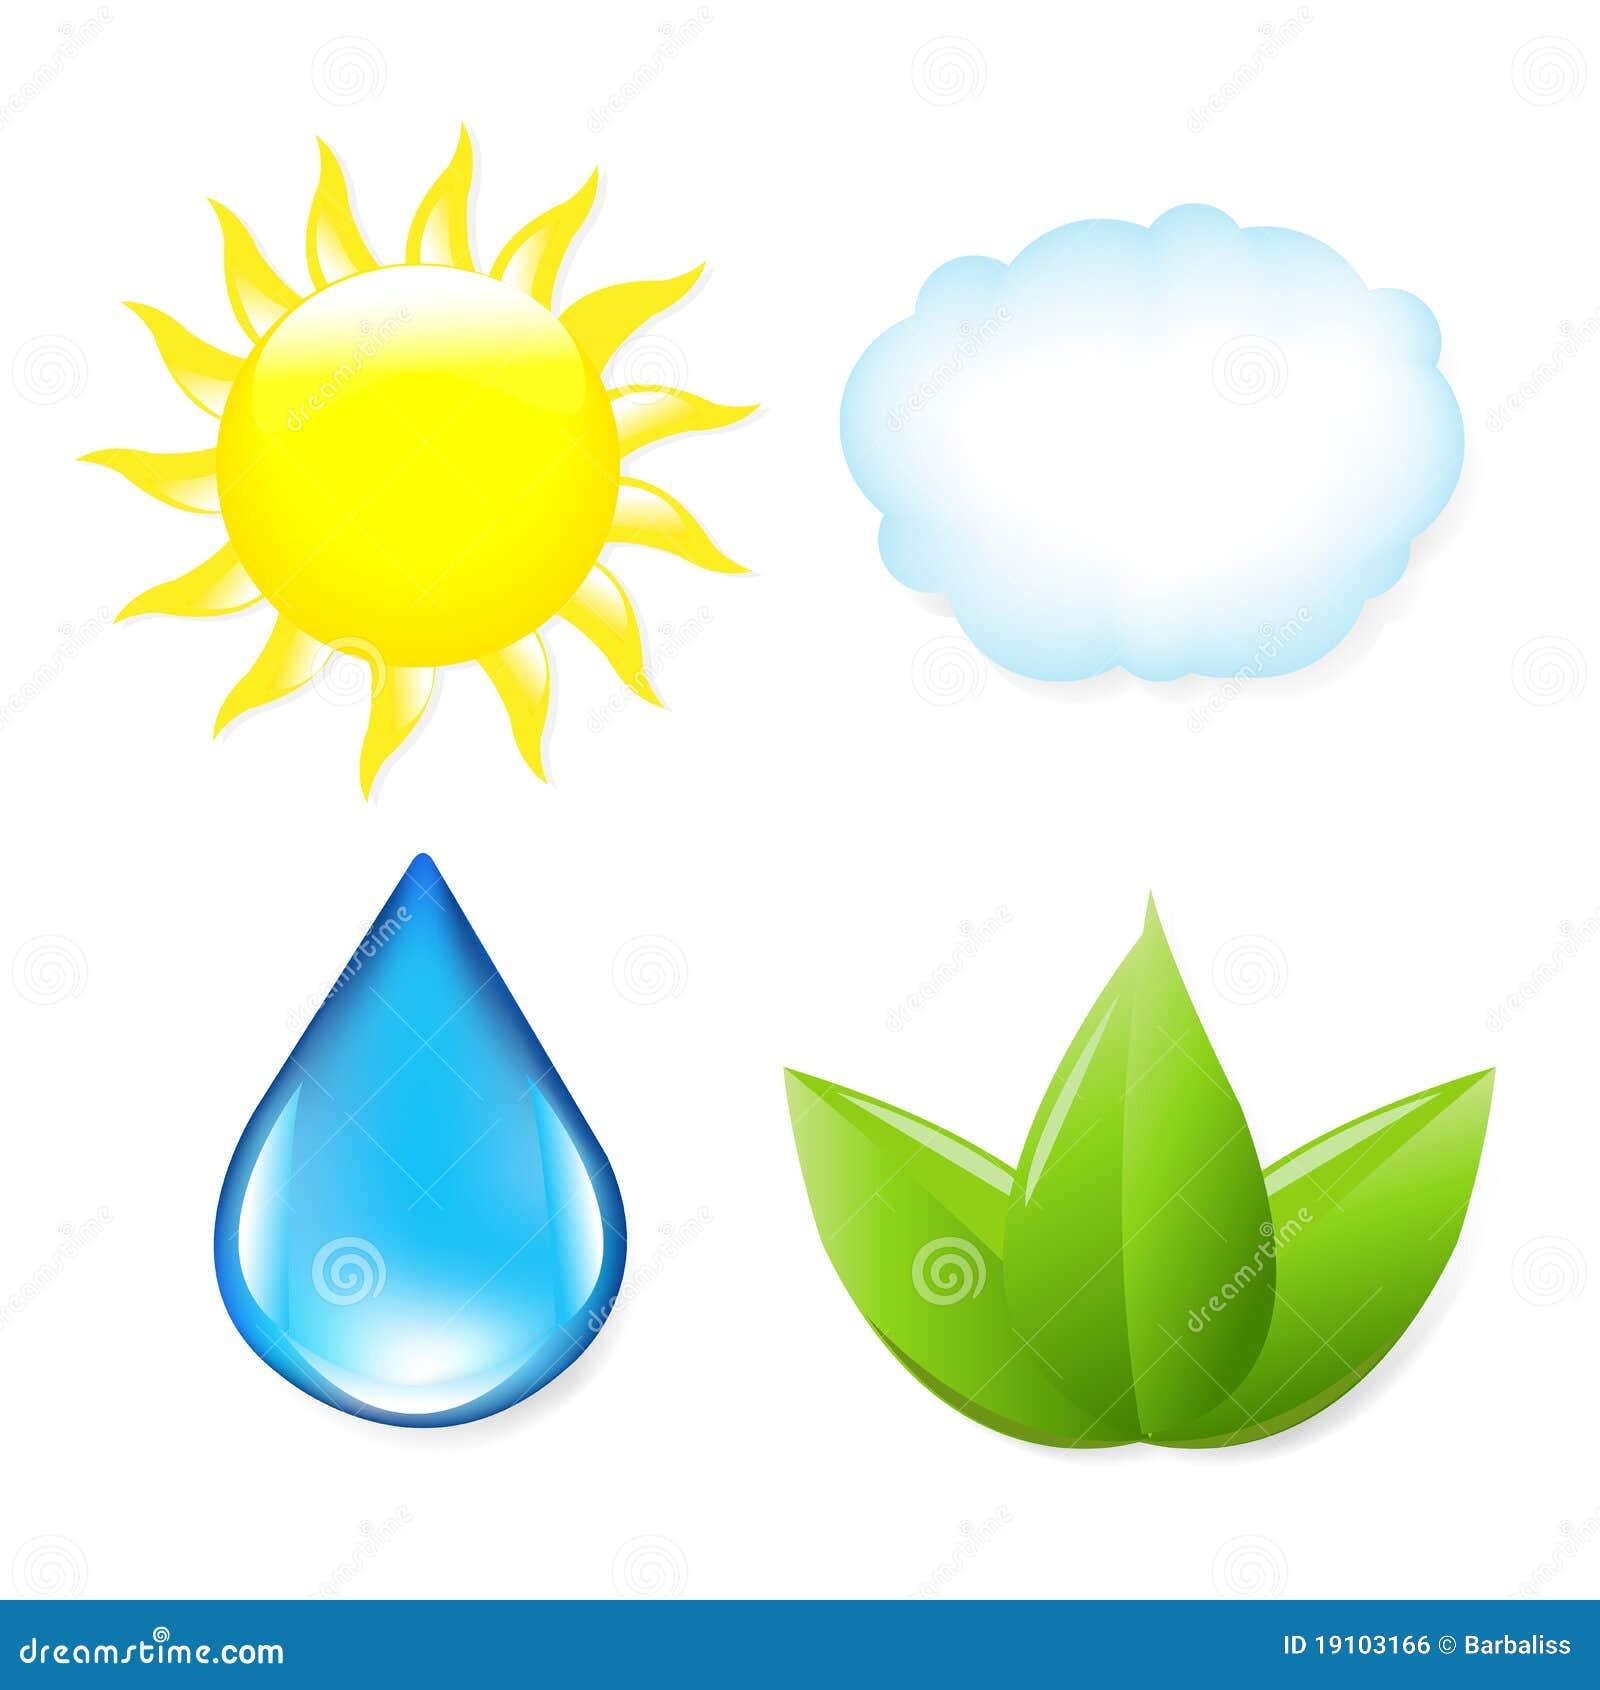 Nature Symbols Nature symbols, sun, cloud,